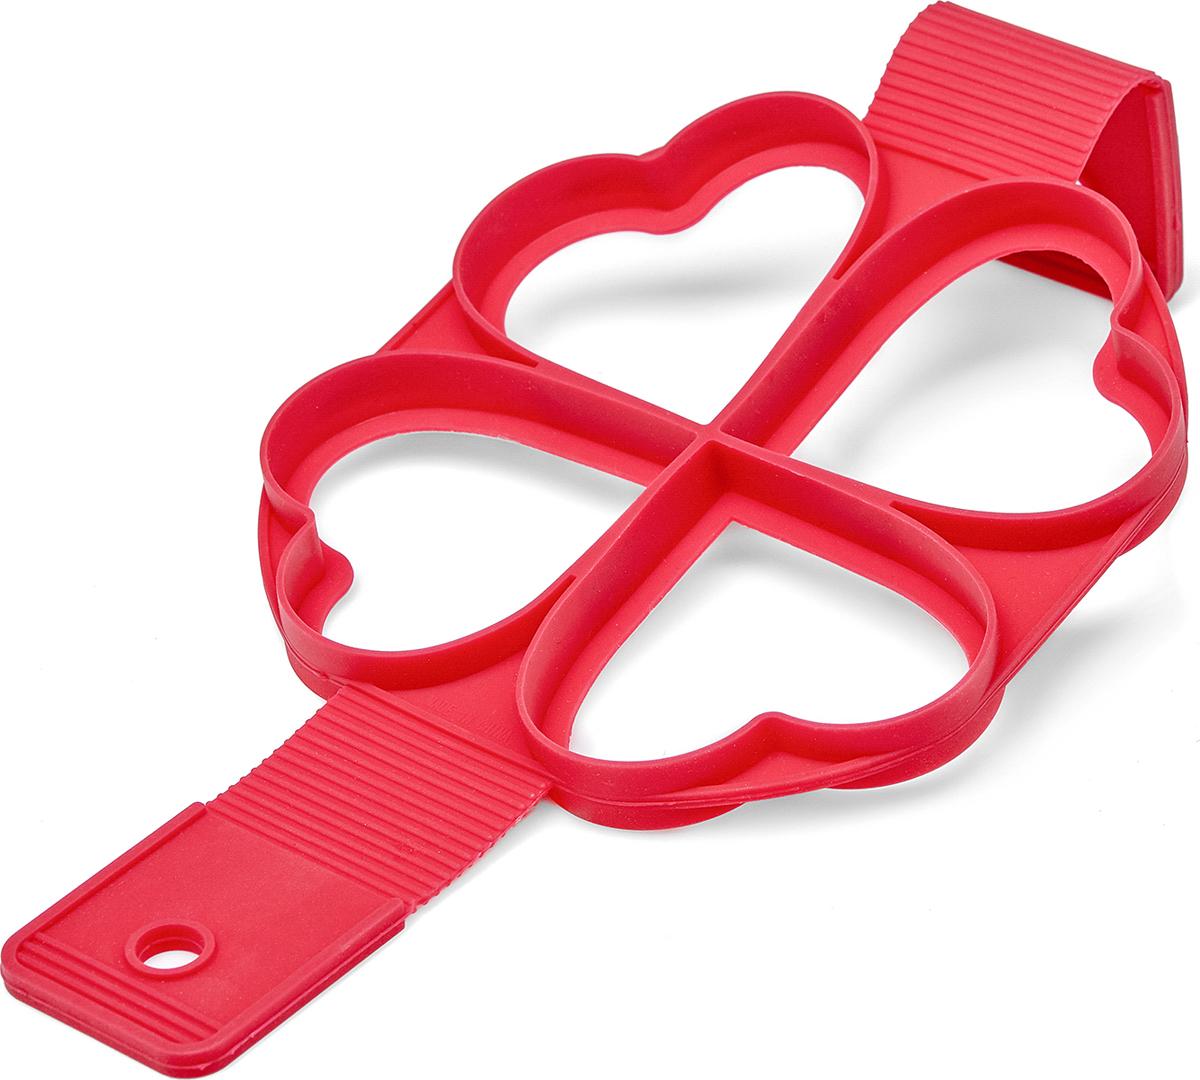 Форма для оладий Walmer Heart, цвет: красный, 34,5 x 16 cм hmily красный цвет вина 32cm x 28cm x 17cm